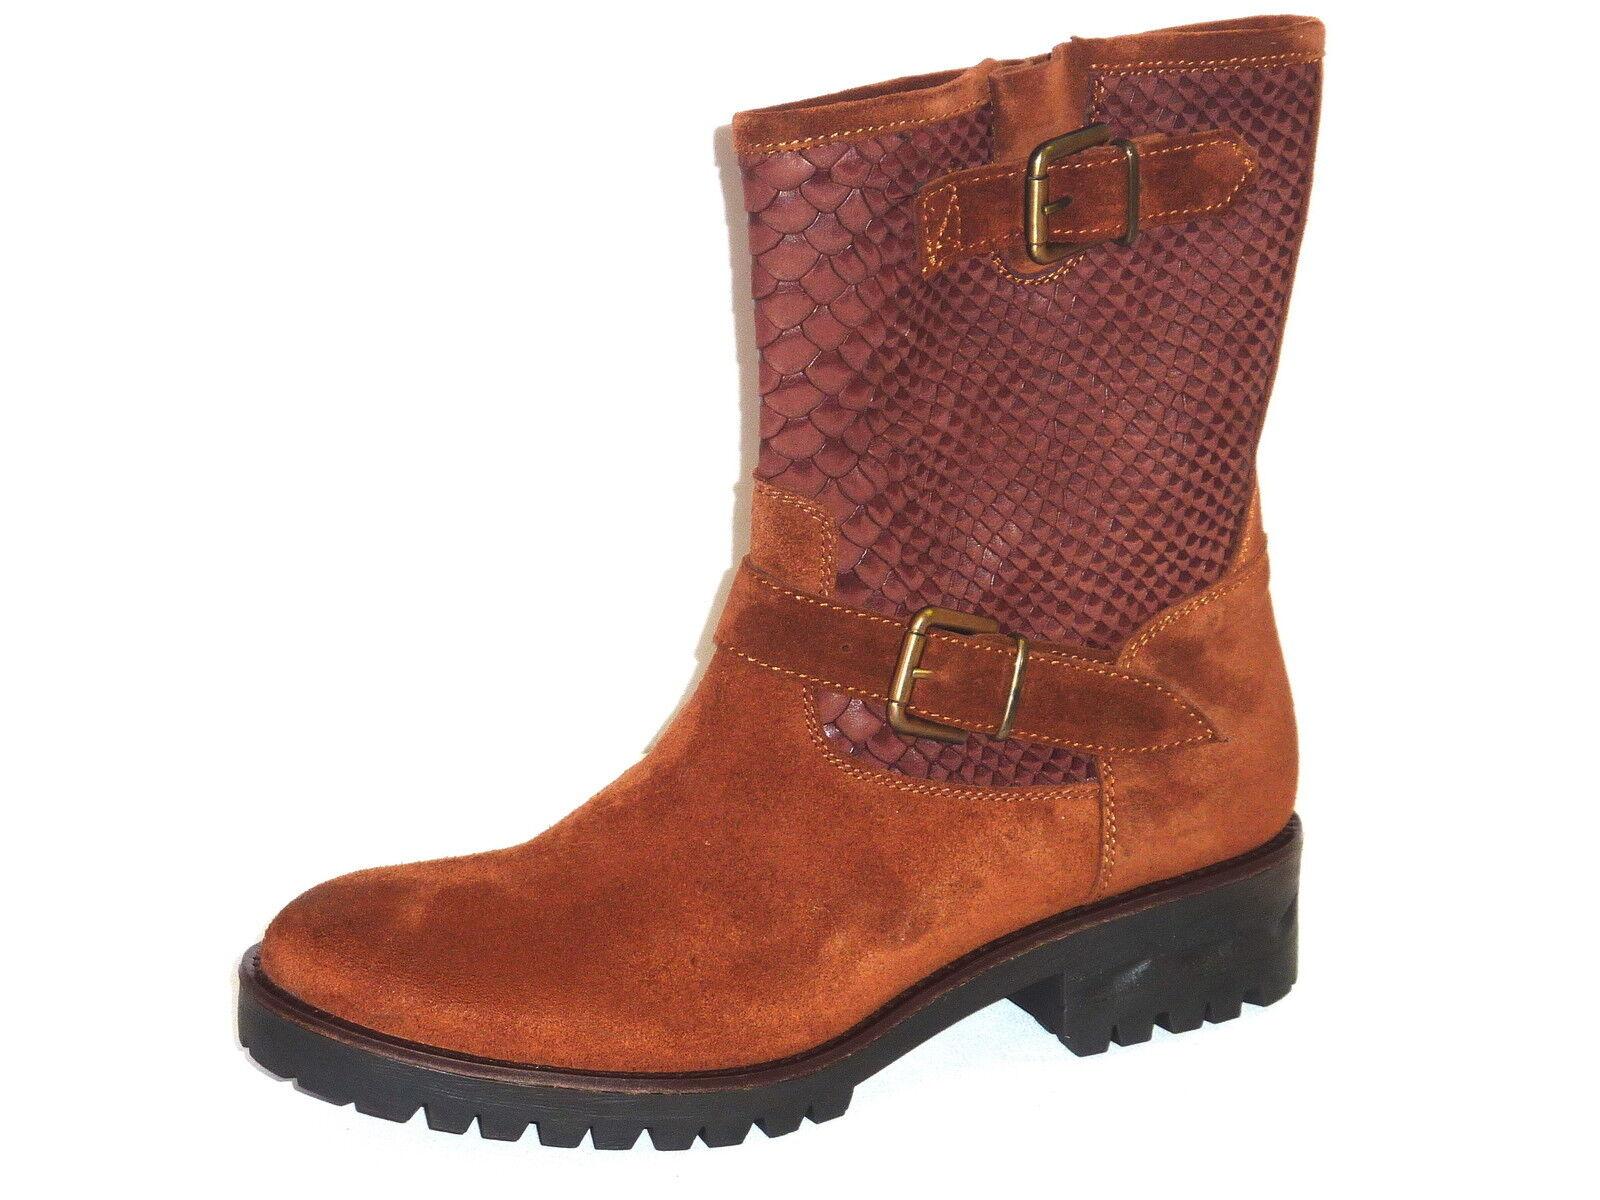 Zapatos especiales con descuento STIVALETTI DONNA POMPIERINO PELLE CAMOSCIO CUOIO E STAMPATO PITONE MODA n. 40